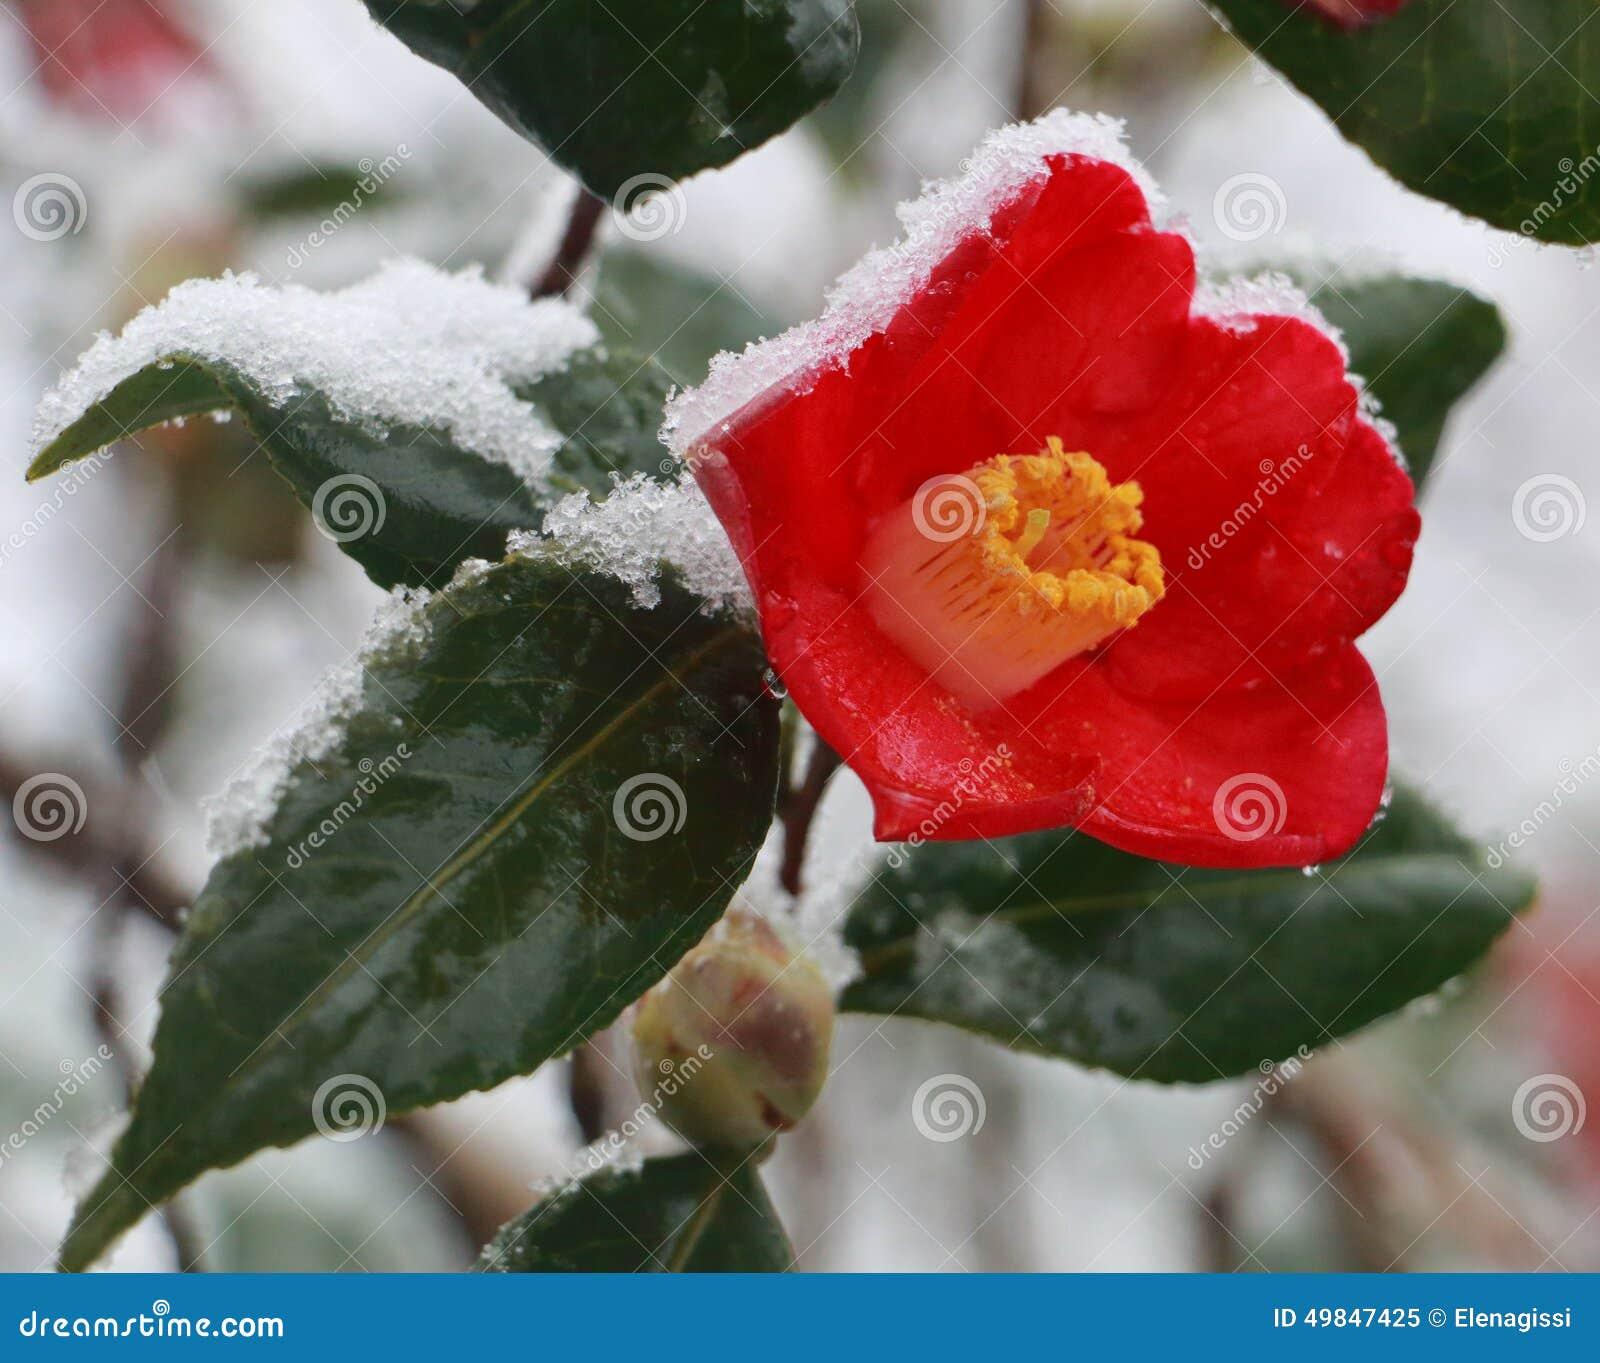 fleur rouge dans la neige cognassier du japon de cam lia photo stock image 49847425. Black Bedroom Furniture Sets. Home Design Ideas